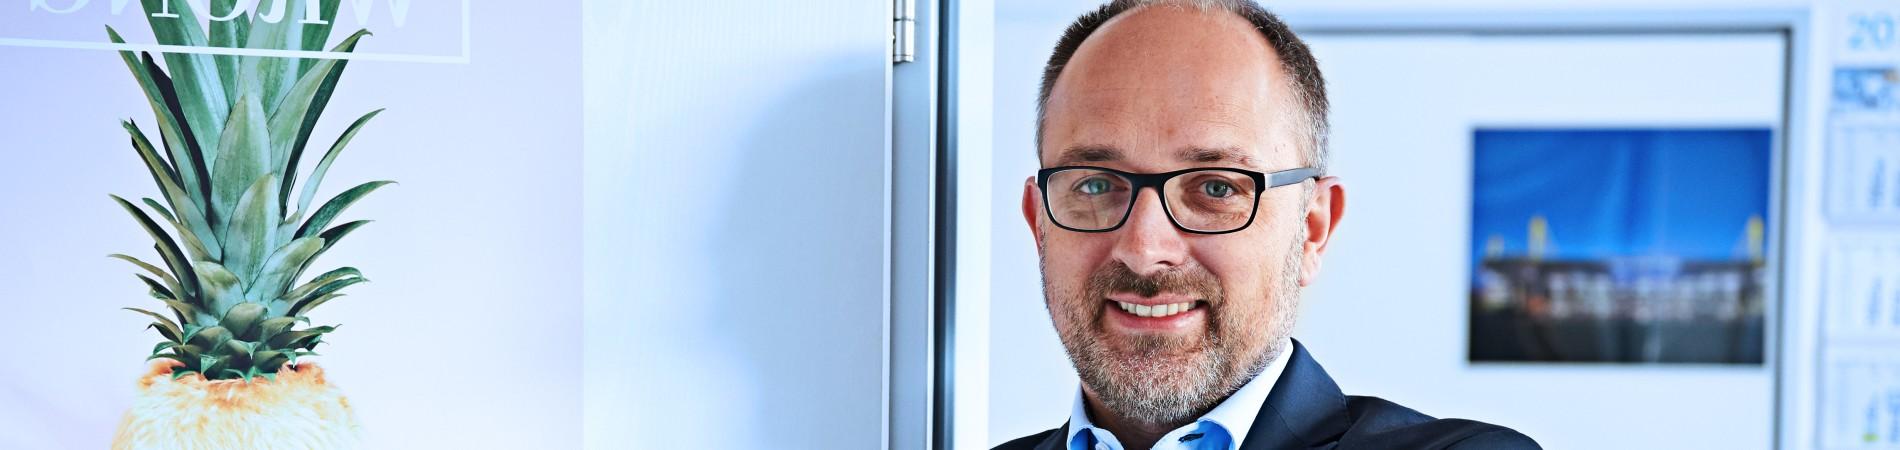 thyssenkrupp Bearings employee experience report Bernd Prinz